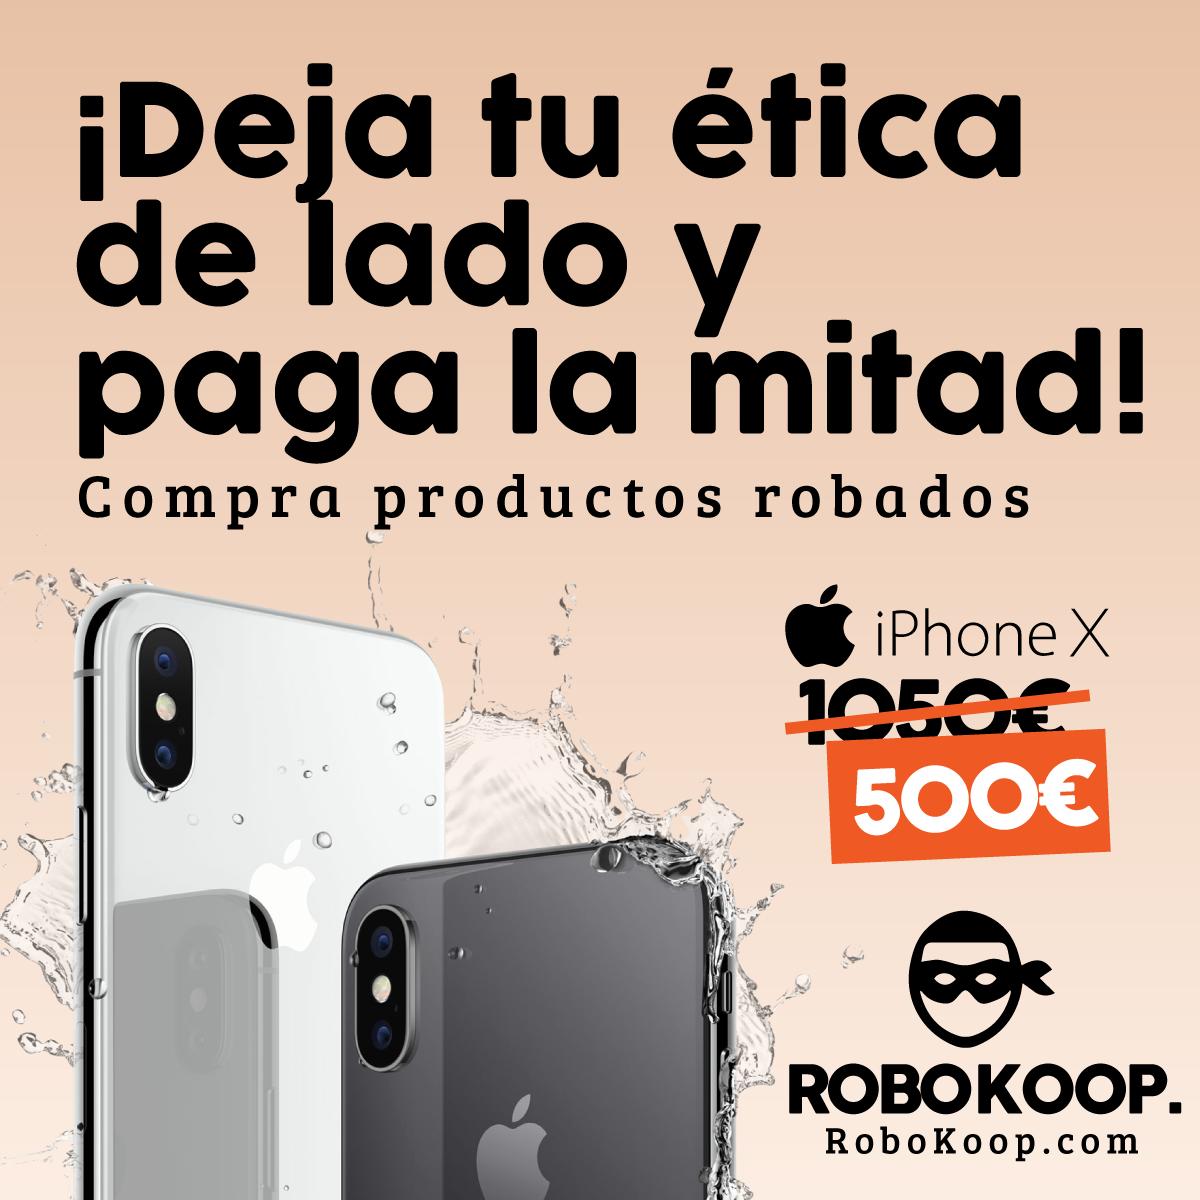 Gráfica para redes de la campaña Robokoop